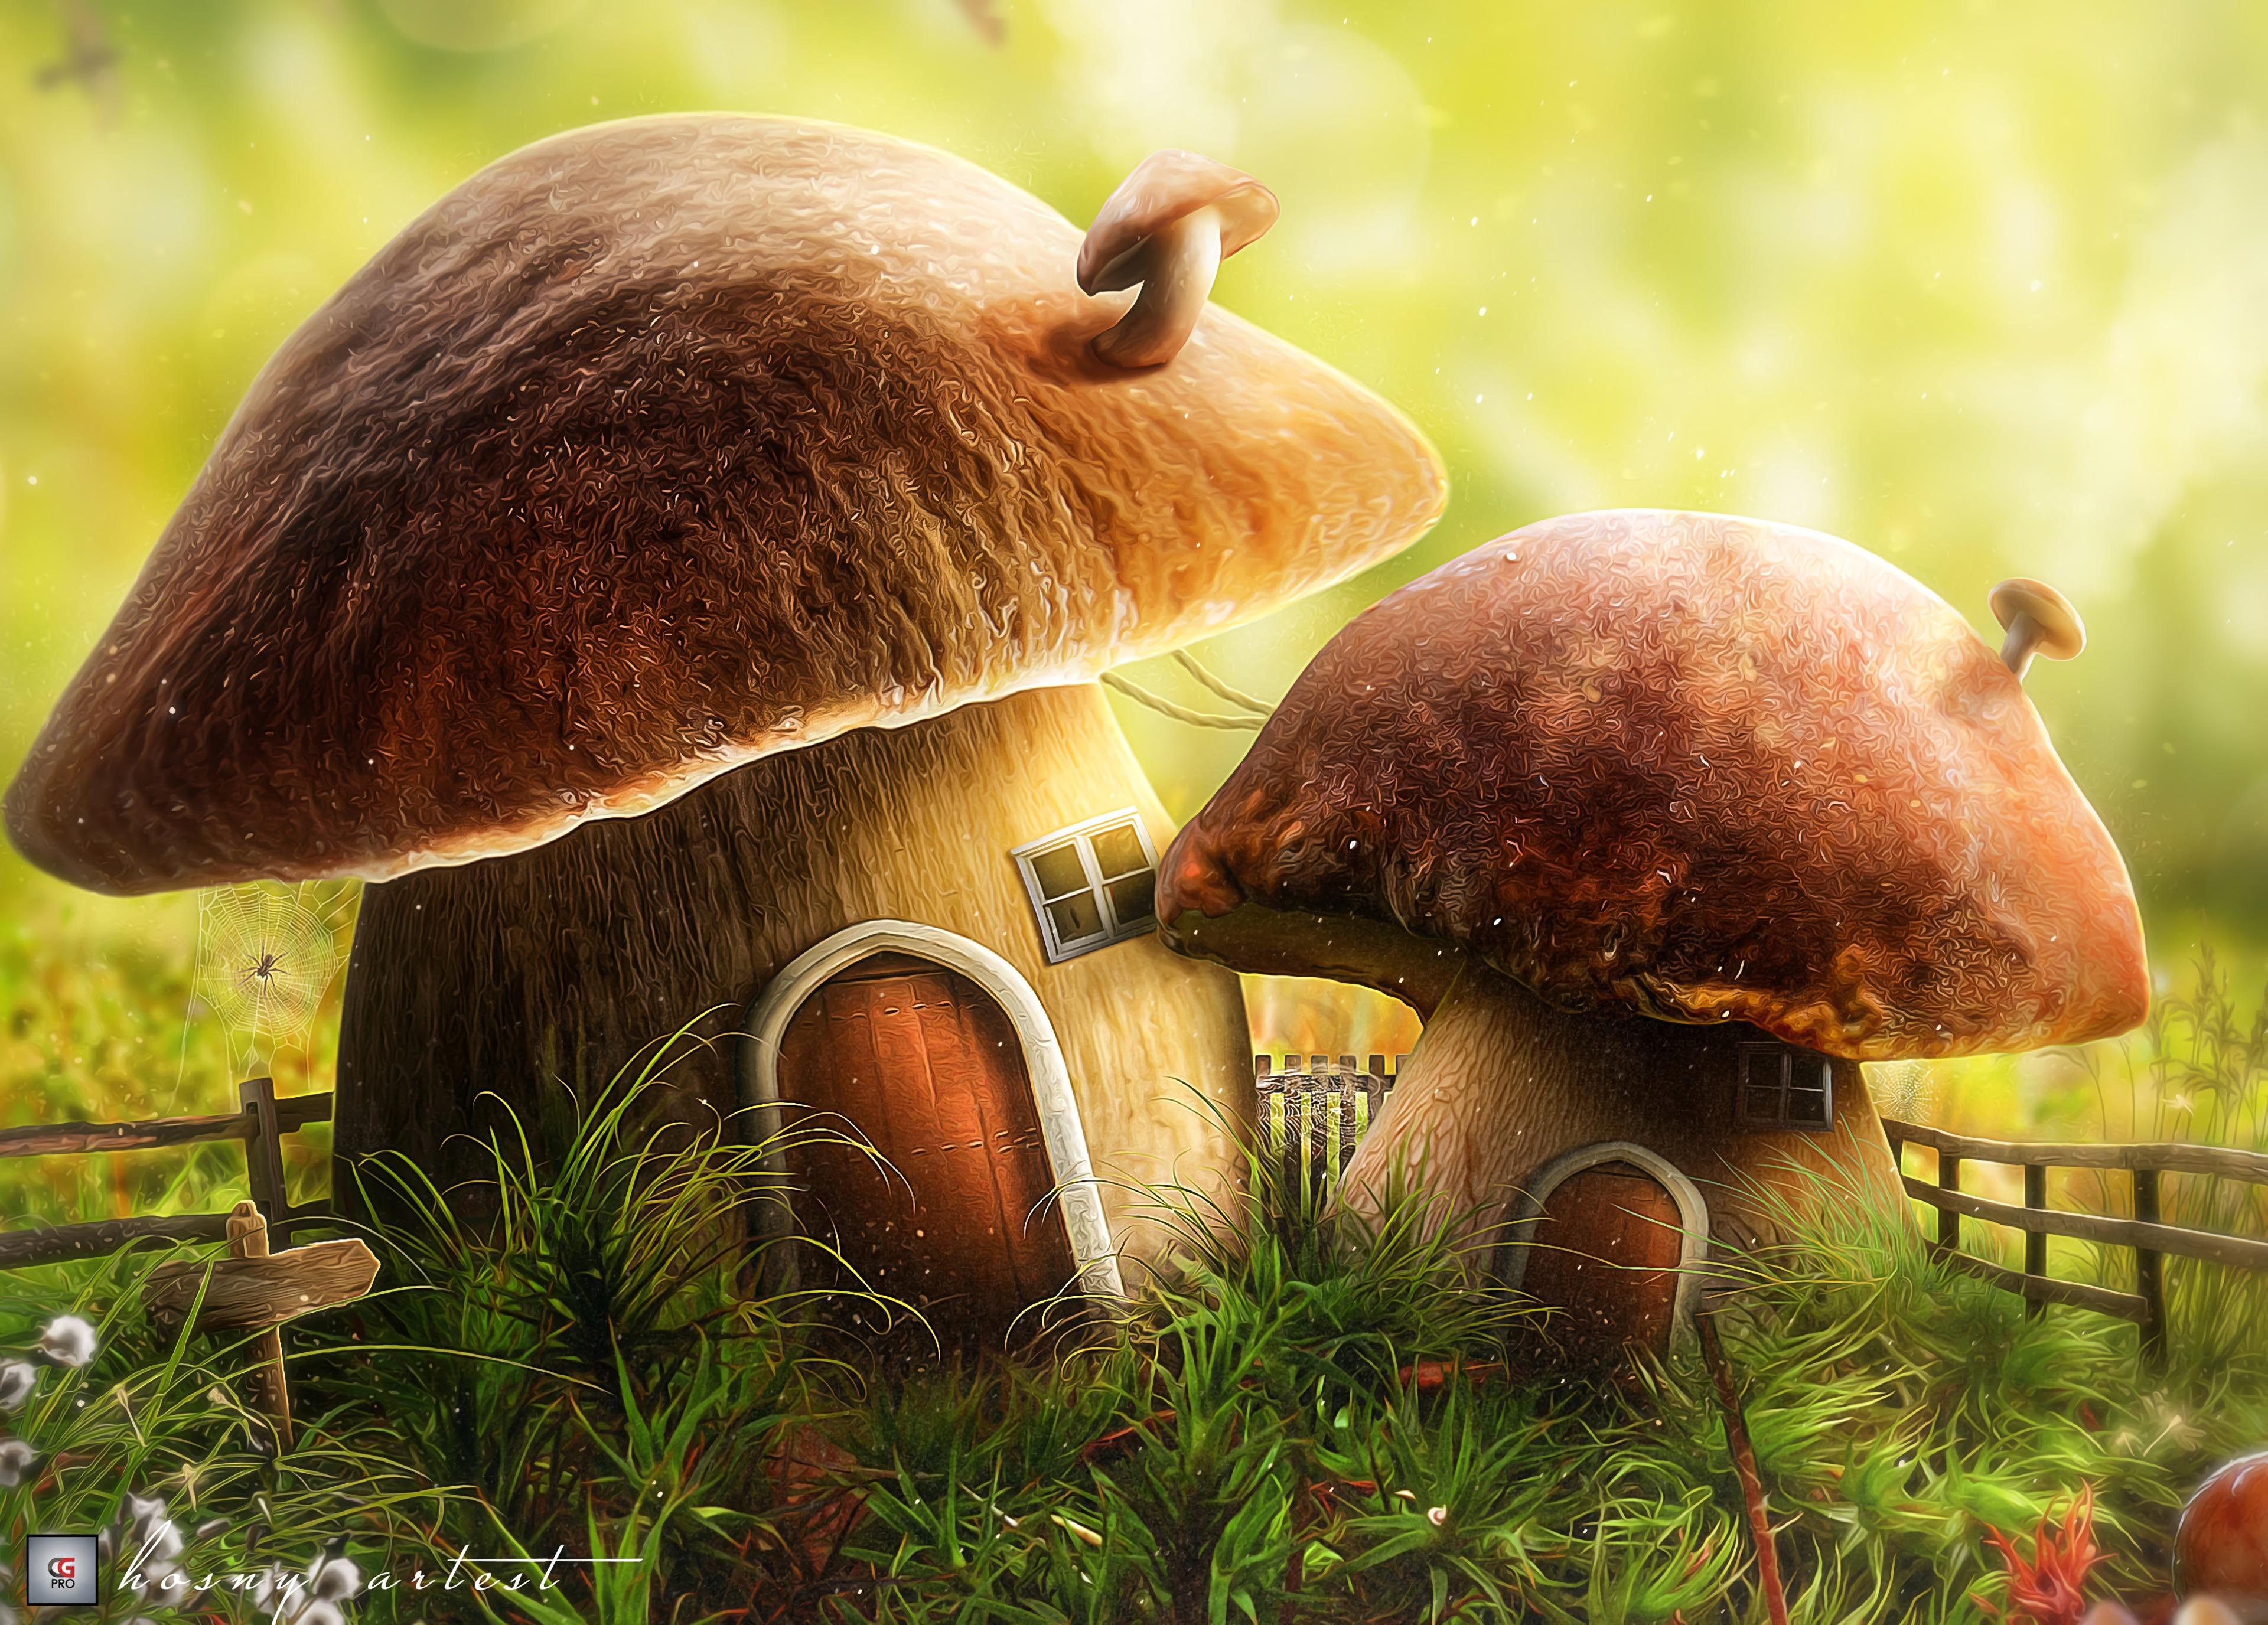 110621 Hintergrundbild 240x320 kostenlos auf deinem Handy, lade Bilder Kunst, Haus, Pilz, Eine Tür, Die Tür 240x320 auf dein Handy herunter